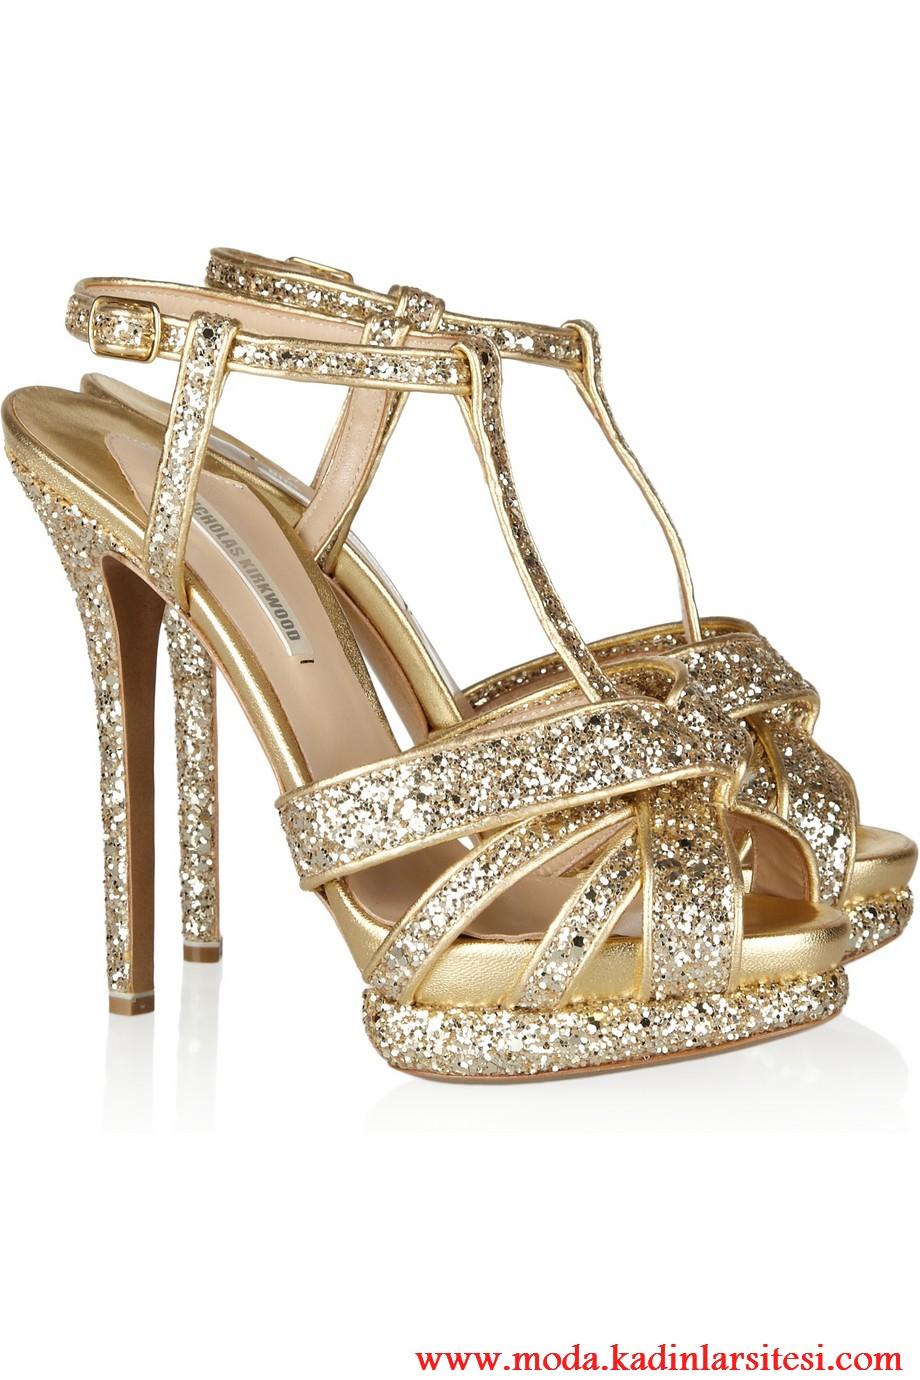 nicholas kırkwood ayakkabı modeli